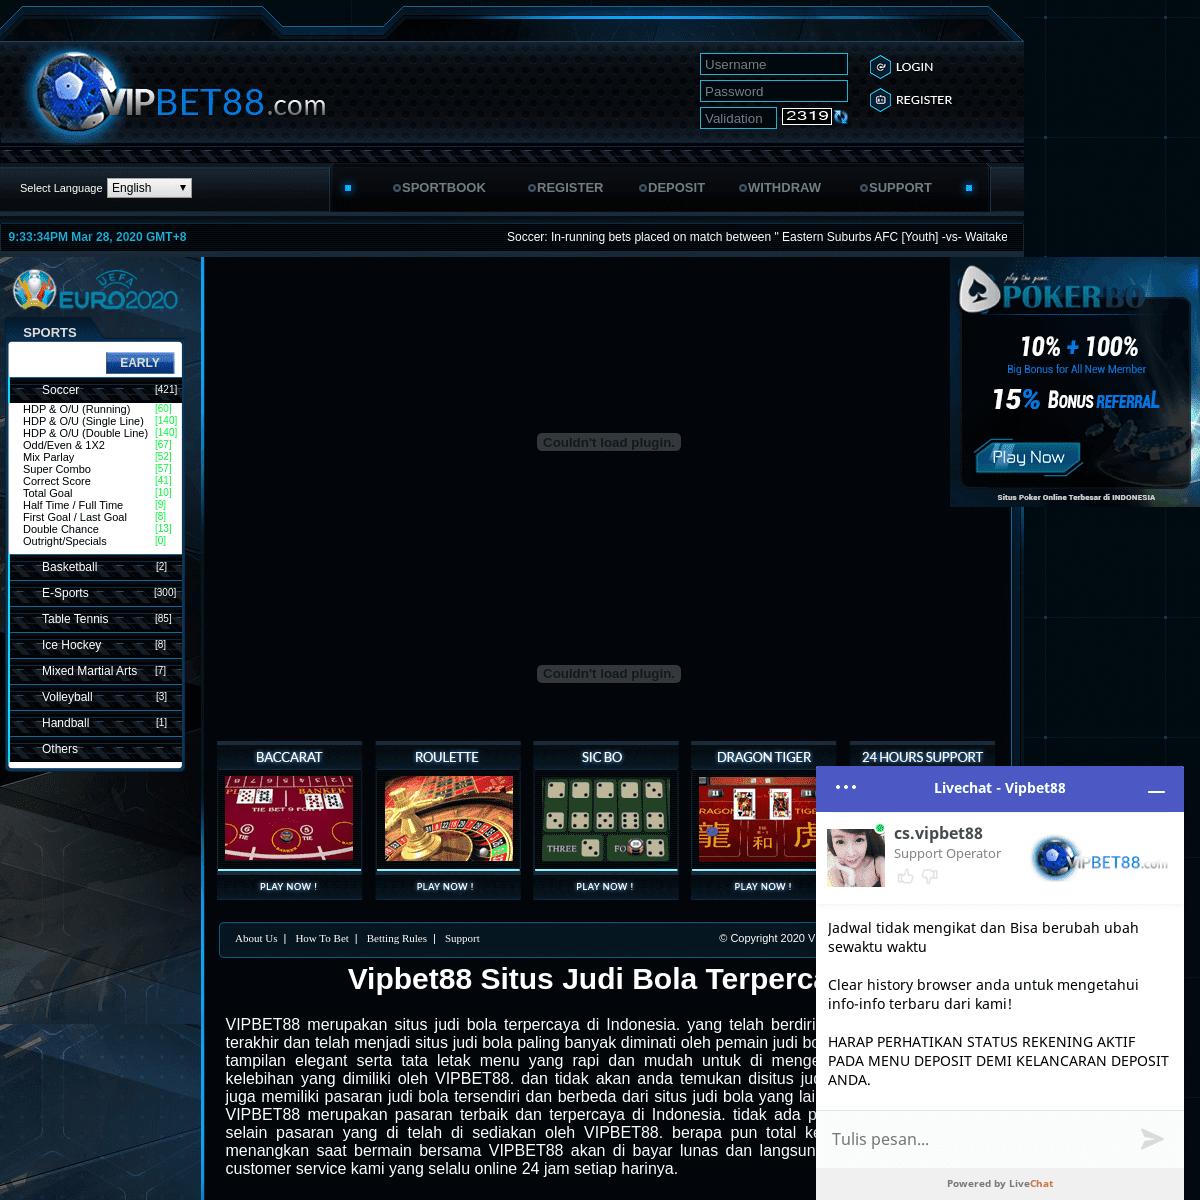 Situs Judi Bola Terpercaya Taruhan Bola Terbaik Judi Online Terbesar